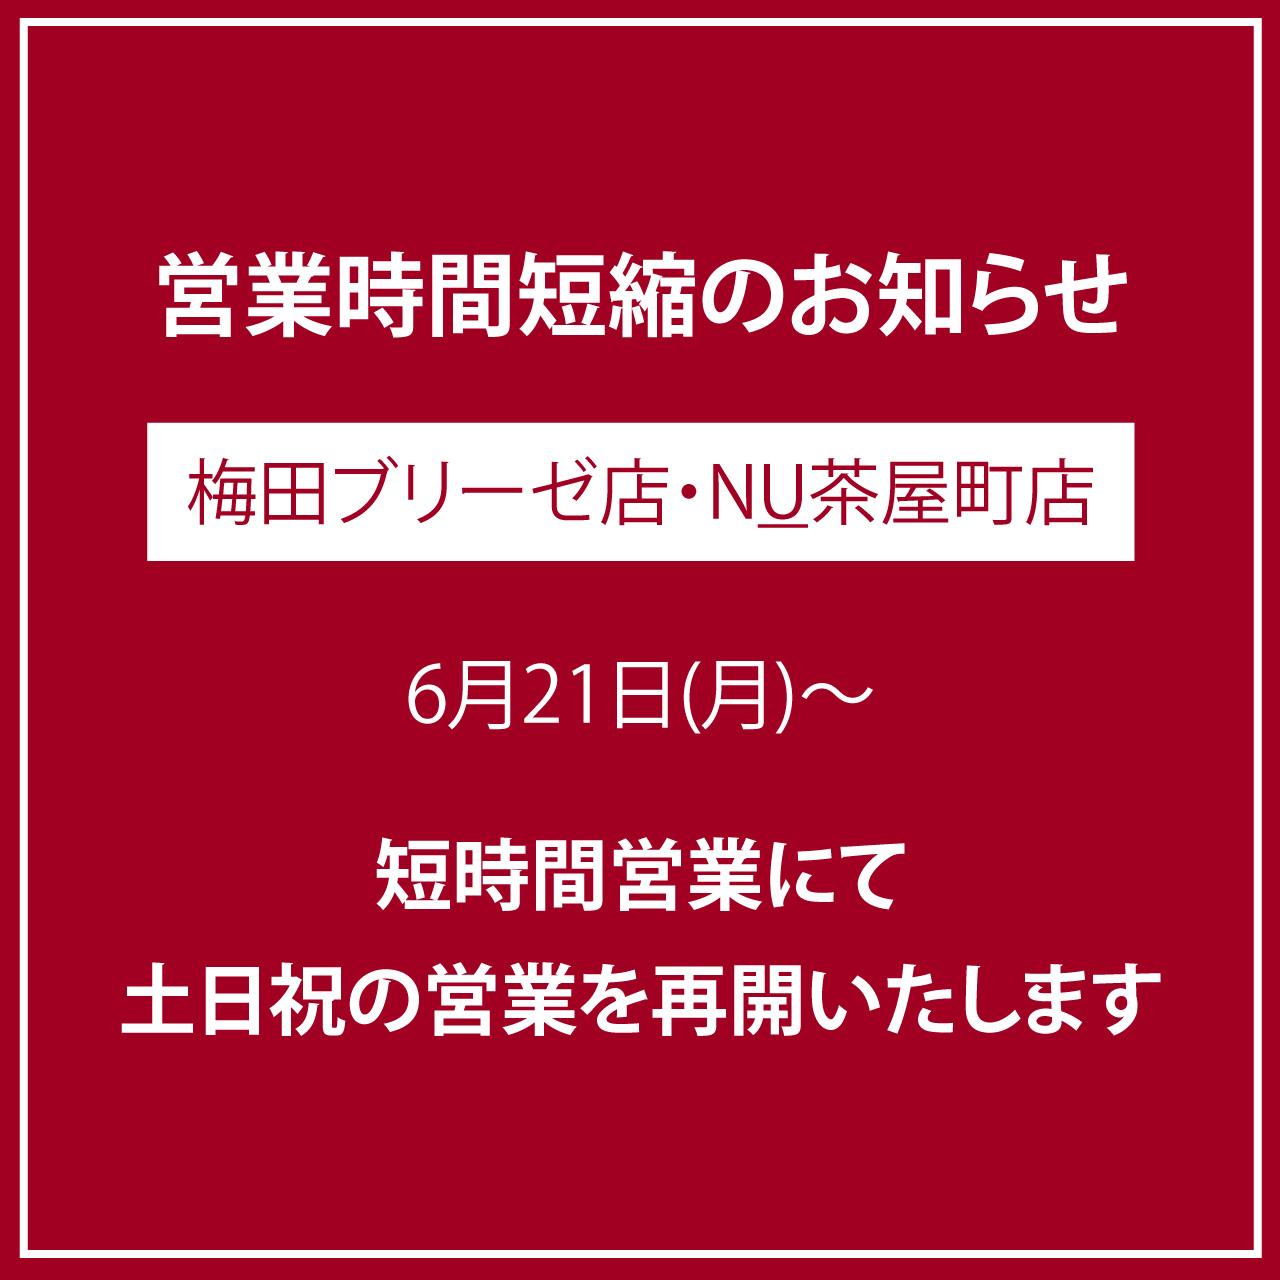 梅田ブリーゼ店・NU茶屋町店 短時間営業のお知らせ